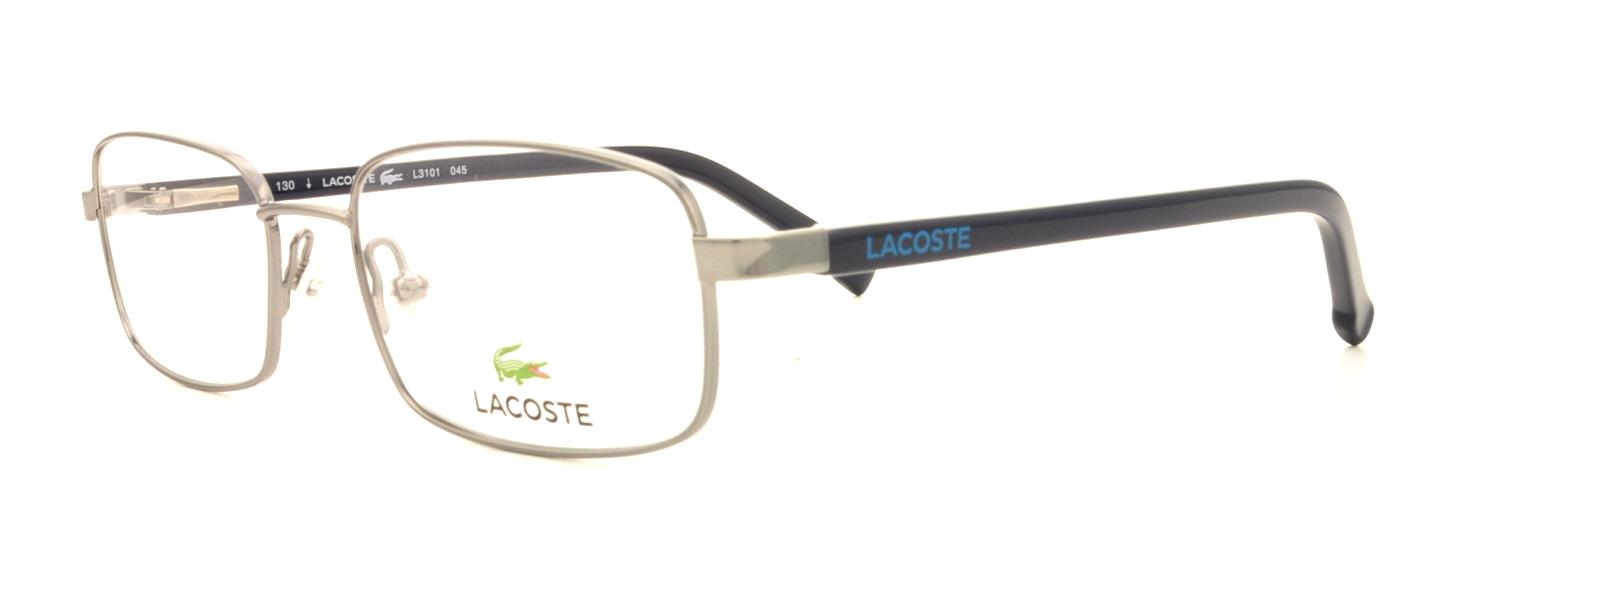 3006c10159 Designer Frames Outlet. Lacoste L3101